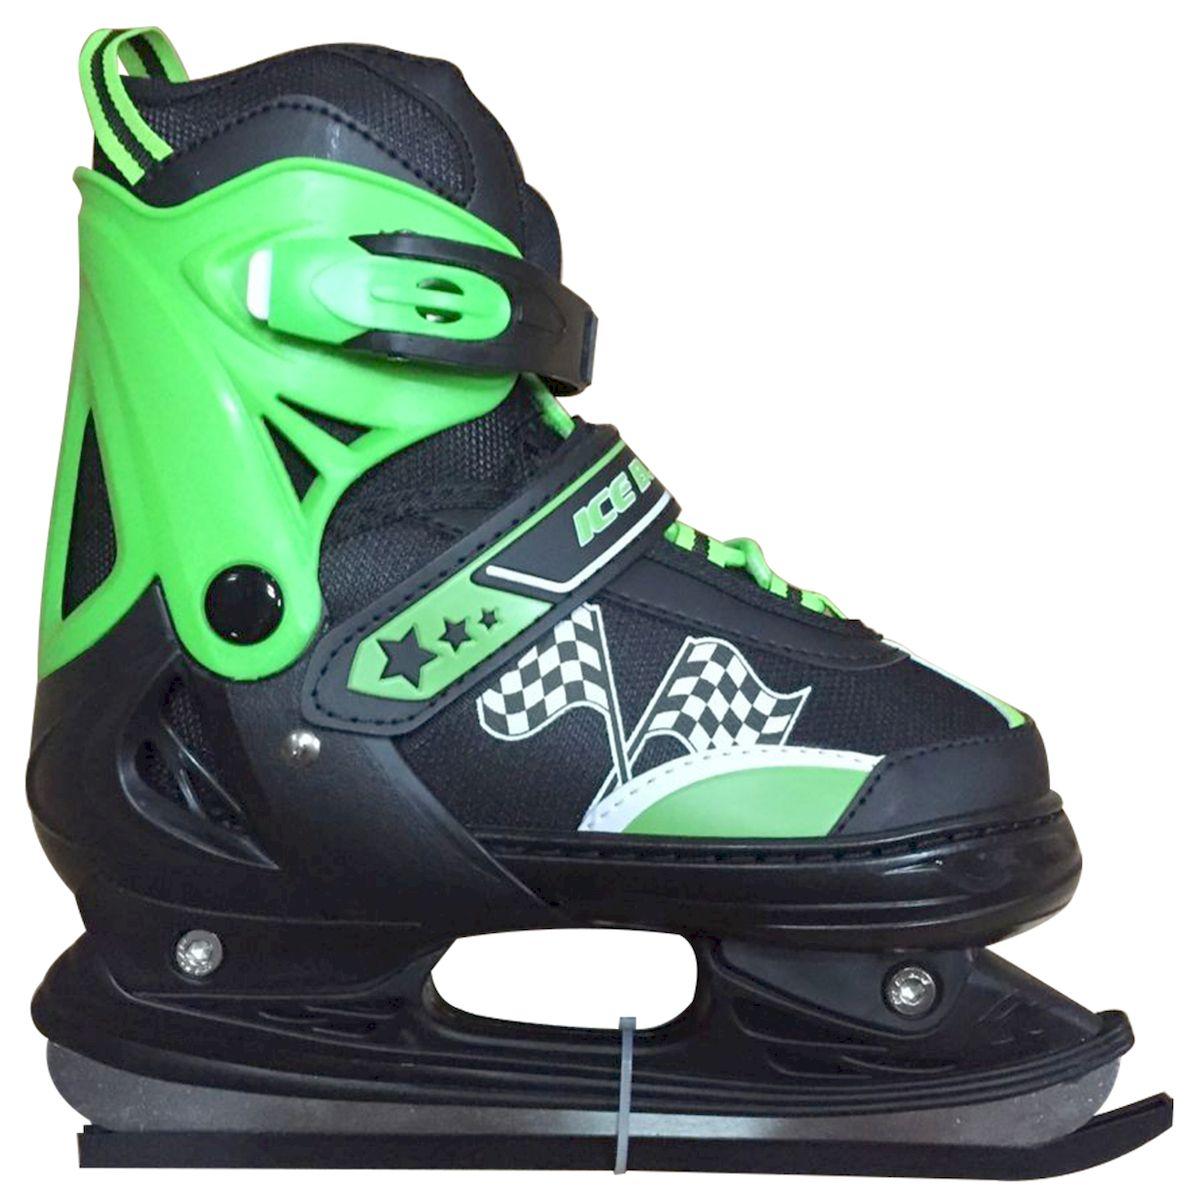 Коньки раздвижные Ice Blade Winner, цвет: черный, зеленый. УТ-00006879. Размер S (31/34)УТ-00006879Коньки раздвижные Winner - это классические раздвижные коньки от известного бренда Ice Blade, которые предназначены для детей и подростков, а также для тех, кто делает первые шаги в катании на льду. Коньки имеют яркий молодежный дизайн, теплый внутренний сапожок, удобная трехуровневая система фиксации ноги, легкая смена размера, надежная защита пятки и носка - все это бесспорные преимущества модели Winner. Коньки поставляются с заводской заточкой лезвия, что позволяет сразу приступить к катанию и не тратить денег на заточку. Данная модель оснащена хоккейным лезвием. Предназначены для использования на открытом и закрытом льду Основные характеристики: Назначение: раздвижные коньки Тип фиксации: клипса с фиксатором, липучка, шнурки Дополнительные характеристики: Материал ботинка: морозостойкий пластик Внутренняя отделка: теплый текстильный материал Лезвие: выполнено из высокоуглеродистой стали с покрытием из никеля Упаковка: удобная сумка